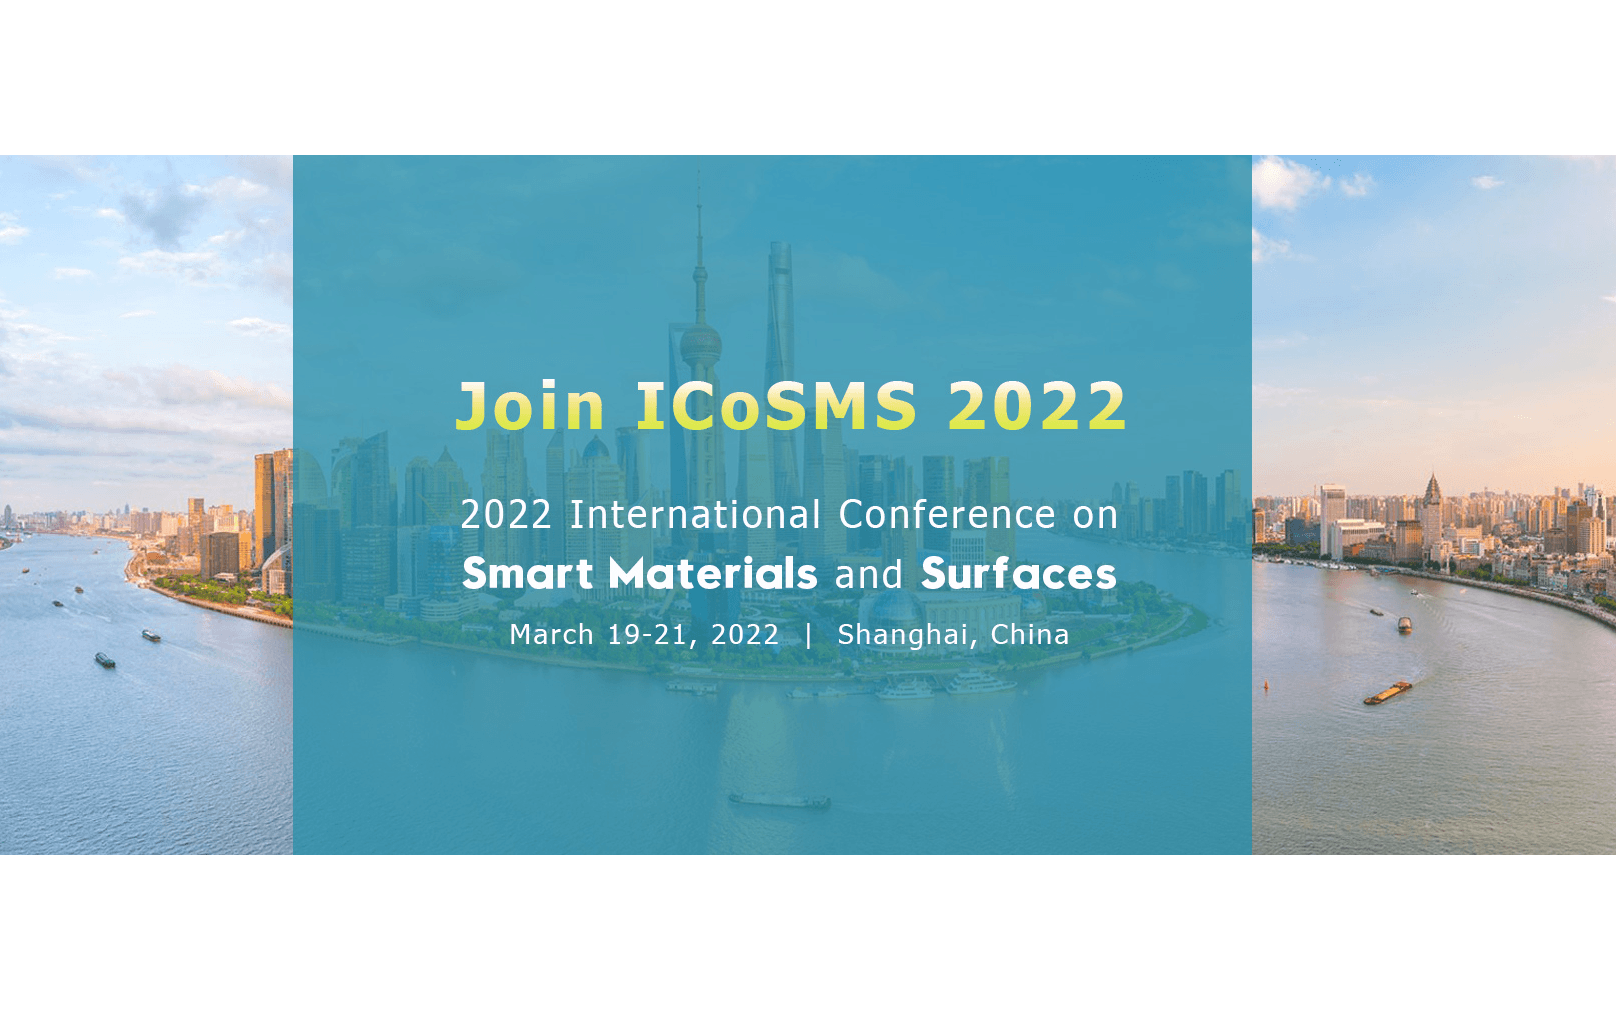 【EI检索】2022年智能材料与表面国际会议(ICoSMS 2022)